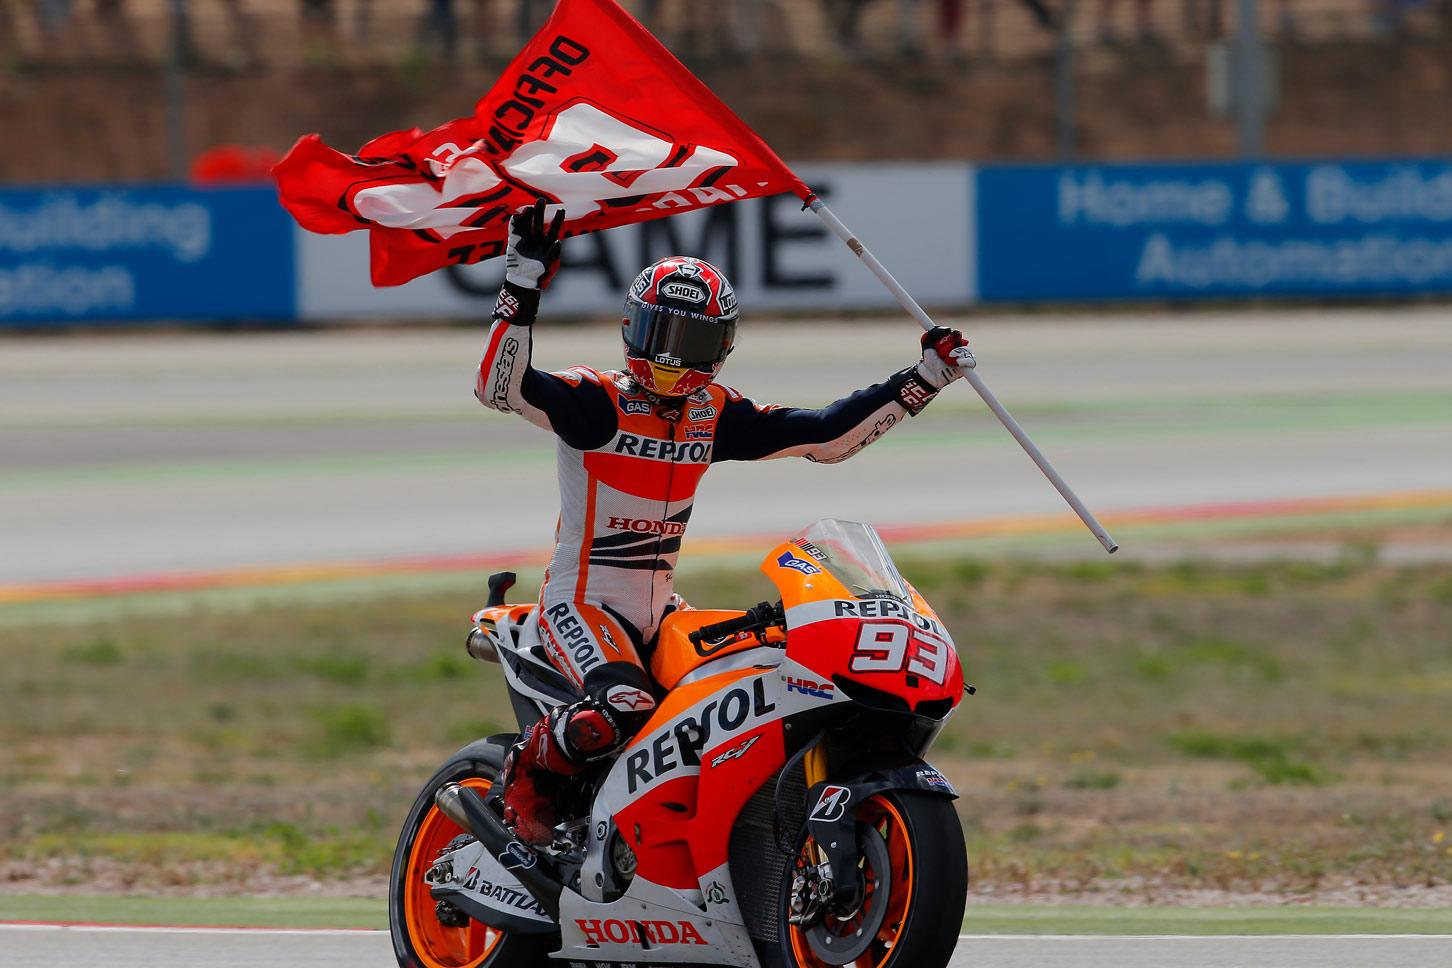 Marc Márquez con la bandera 93 hace la vuelta de la victoria